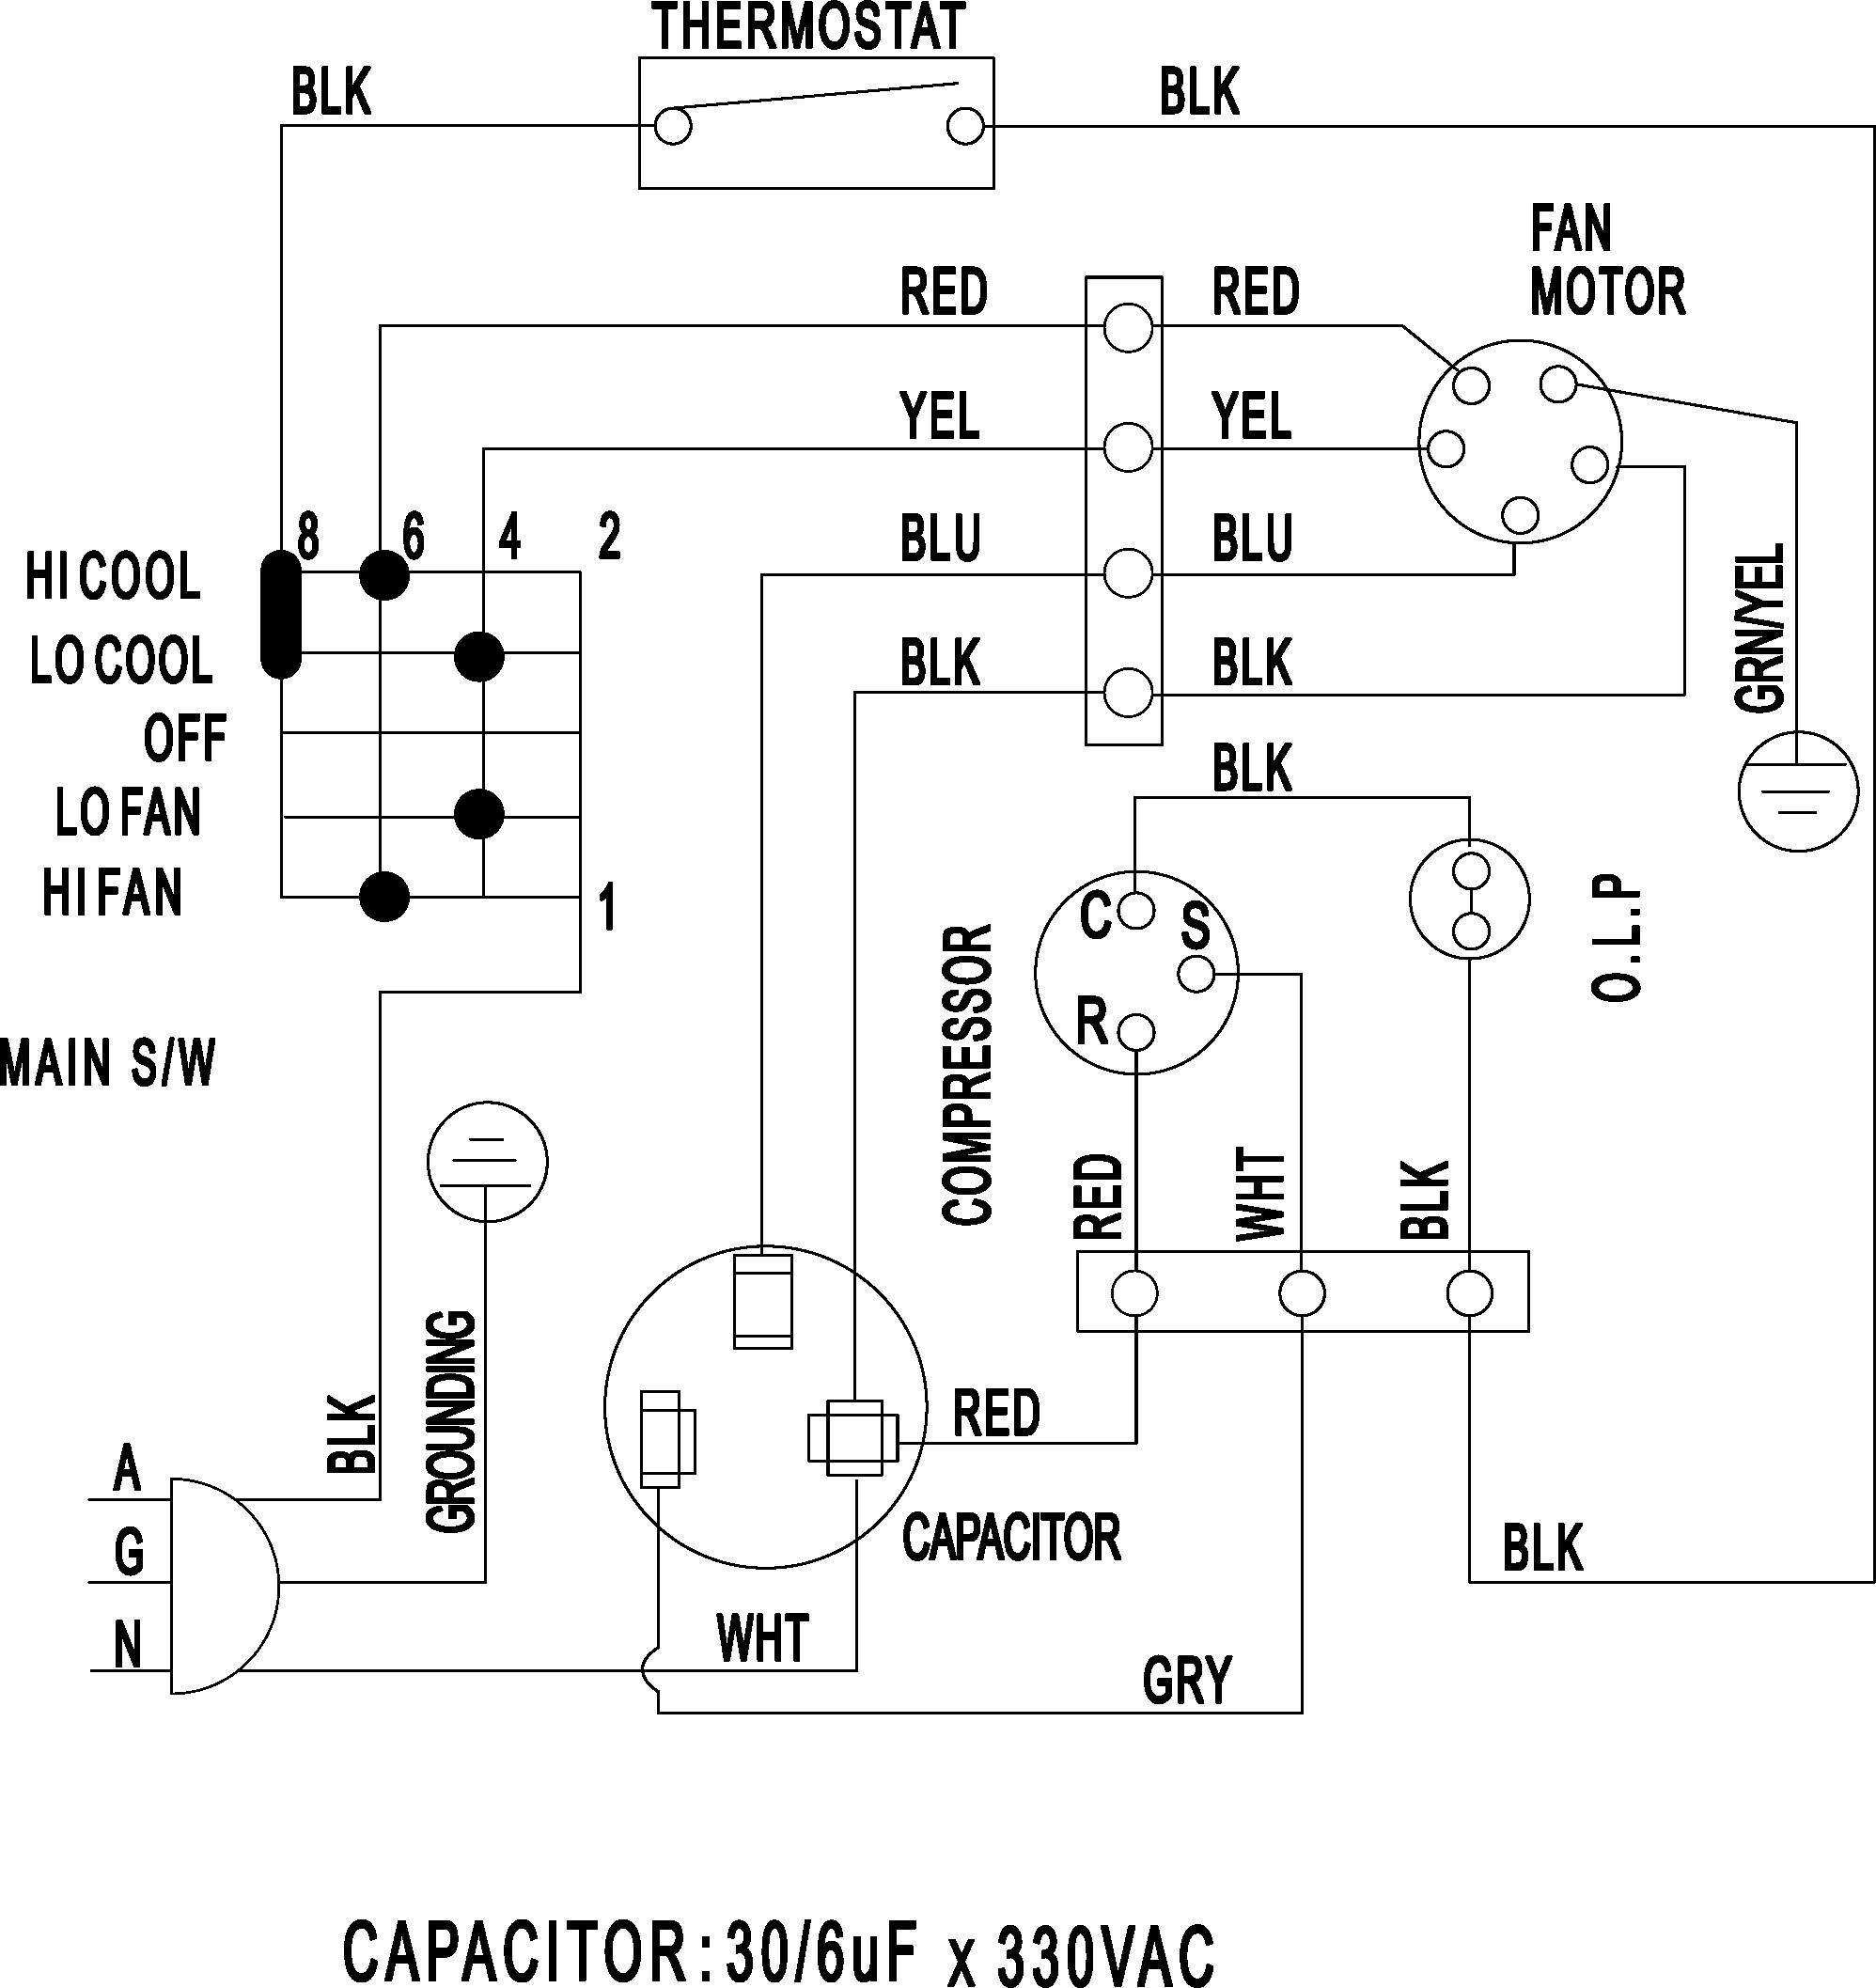 York Motor Wiring Diagram - Wiring Diagram Data Oreo - Motor Wiring Diagram